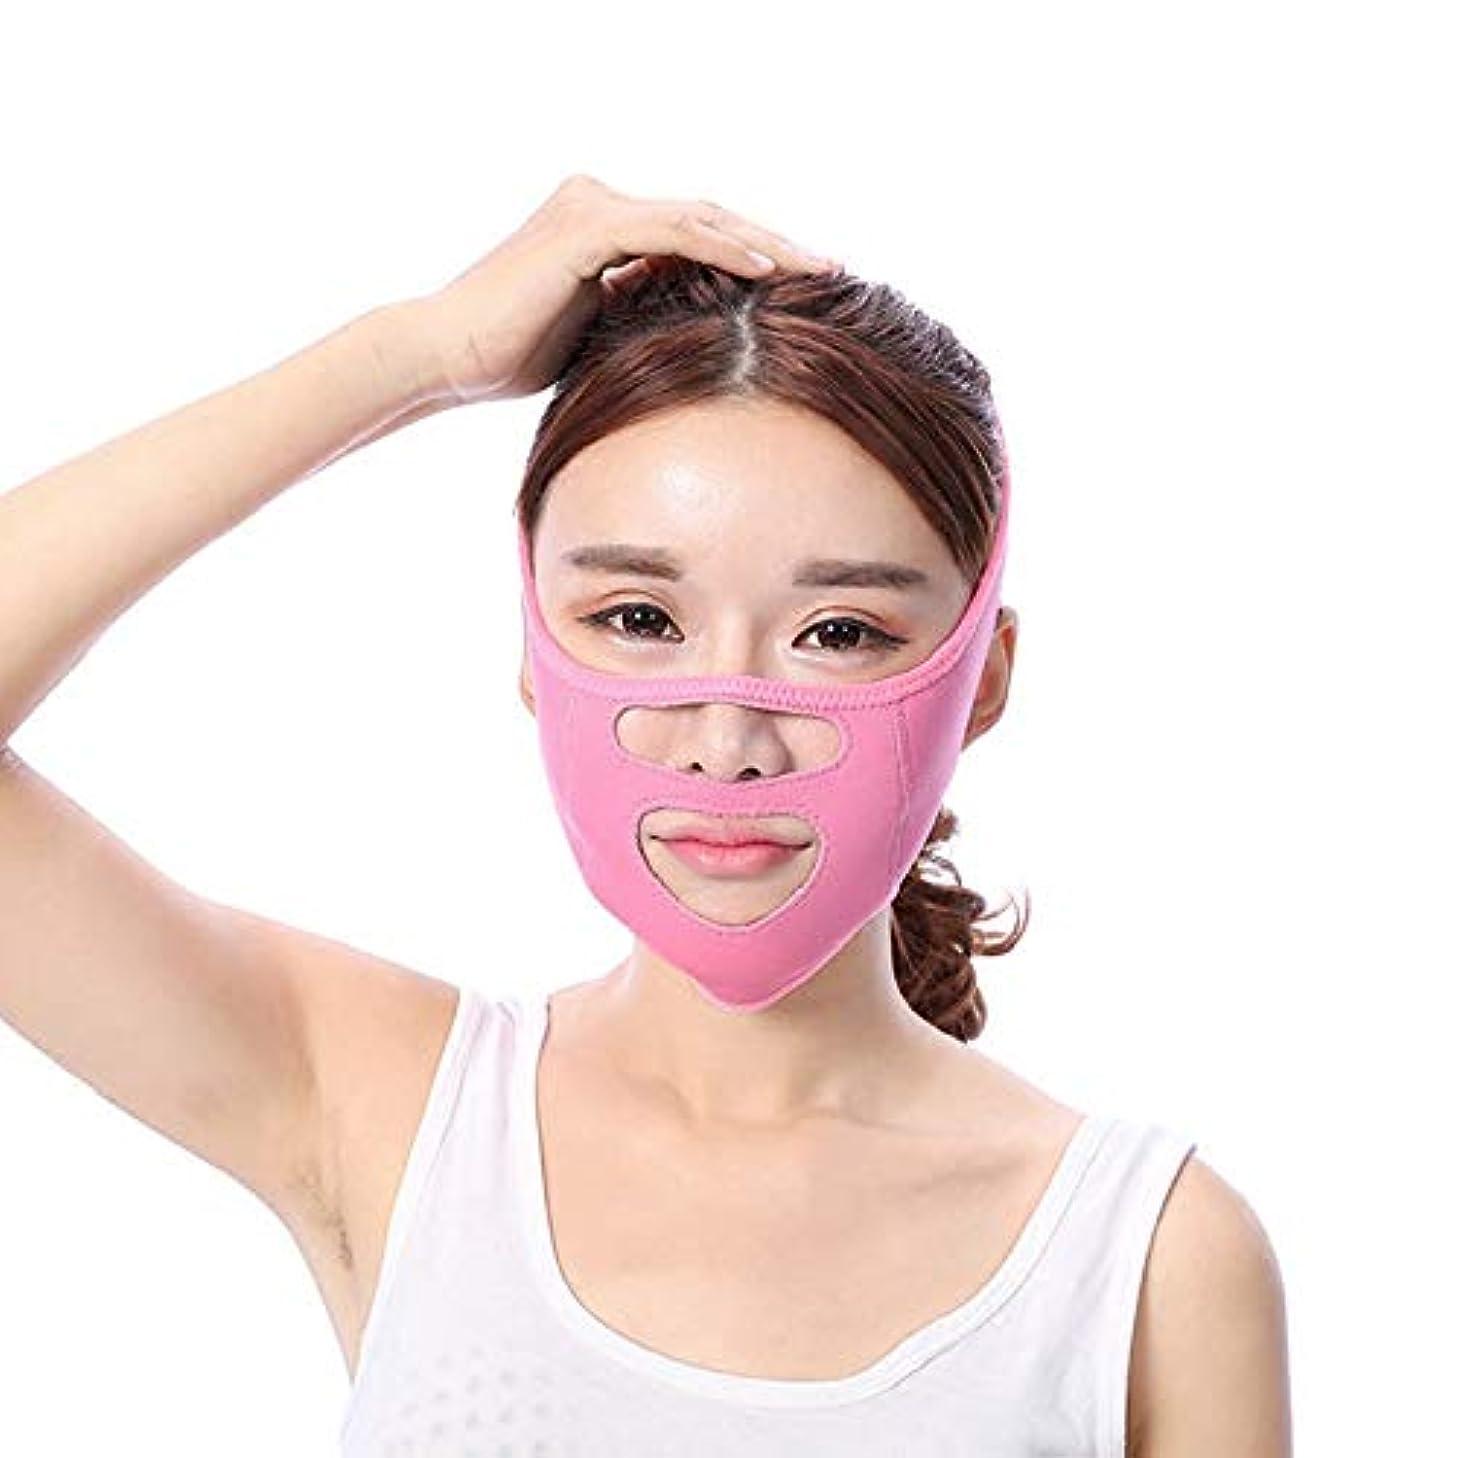 ラフ下セレナフェイスリフトベルト フェイスリフトベルトフェイスバンデージ美容機器リフティングファインディングダブルチン法令Vマスク睡眠マスク通気性